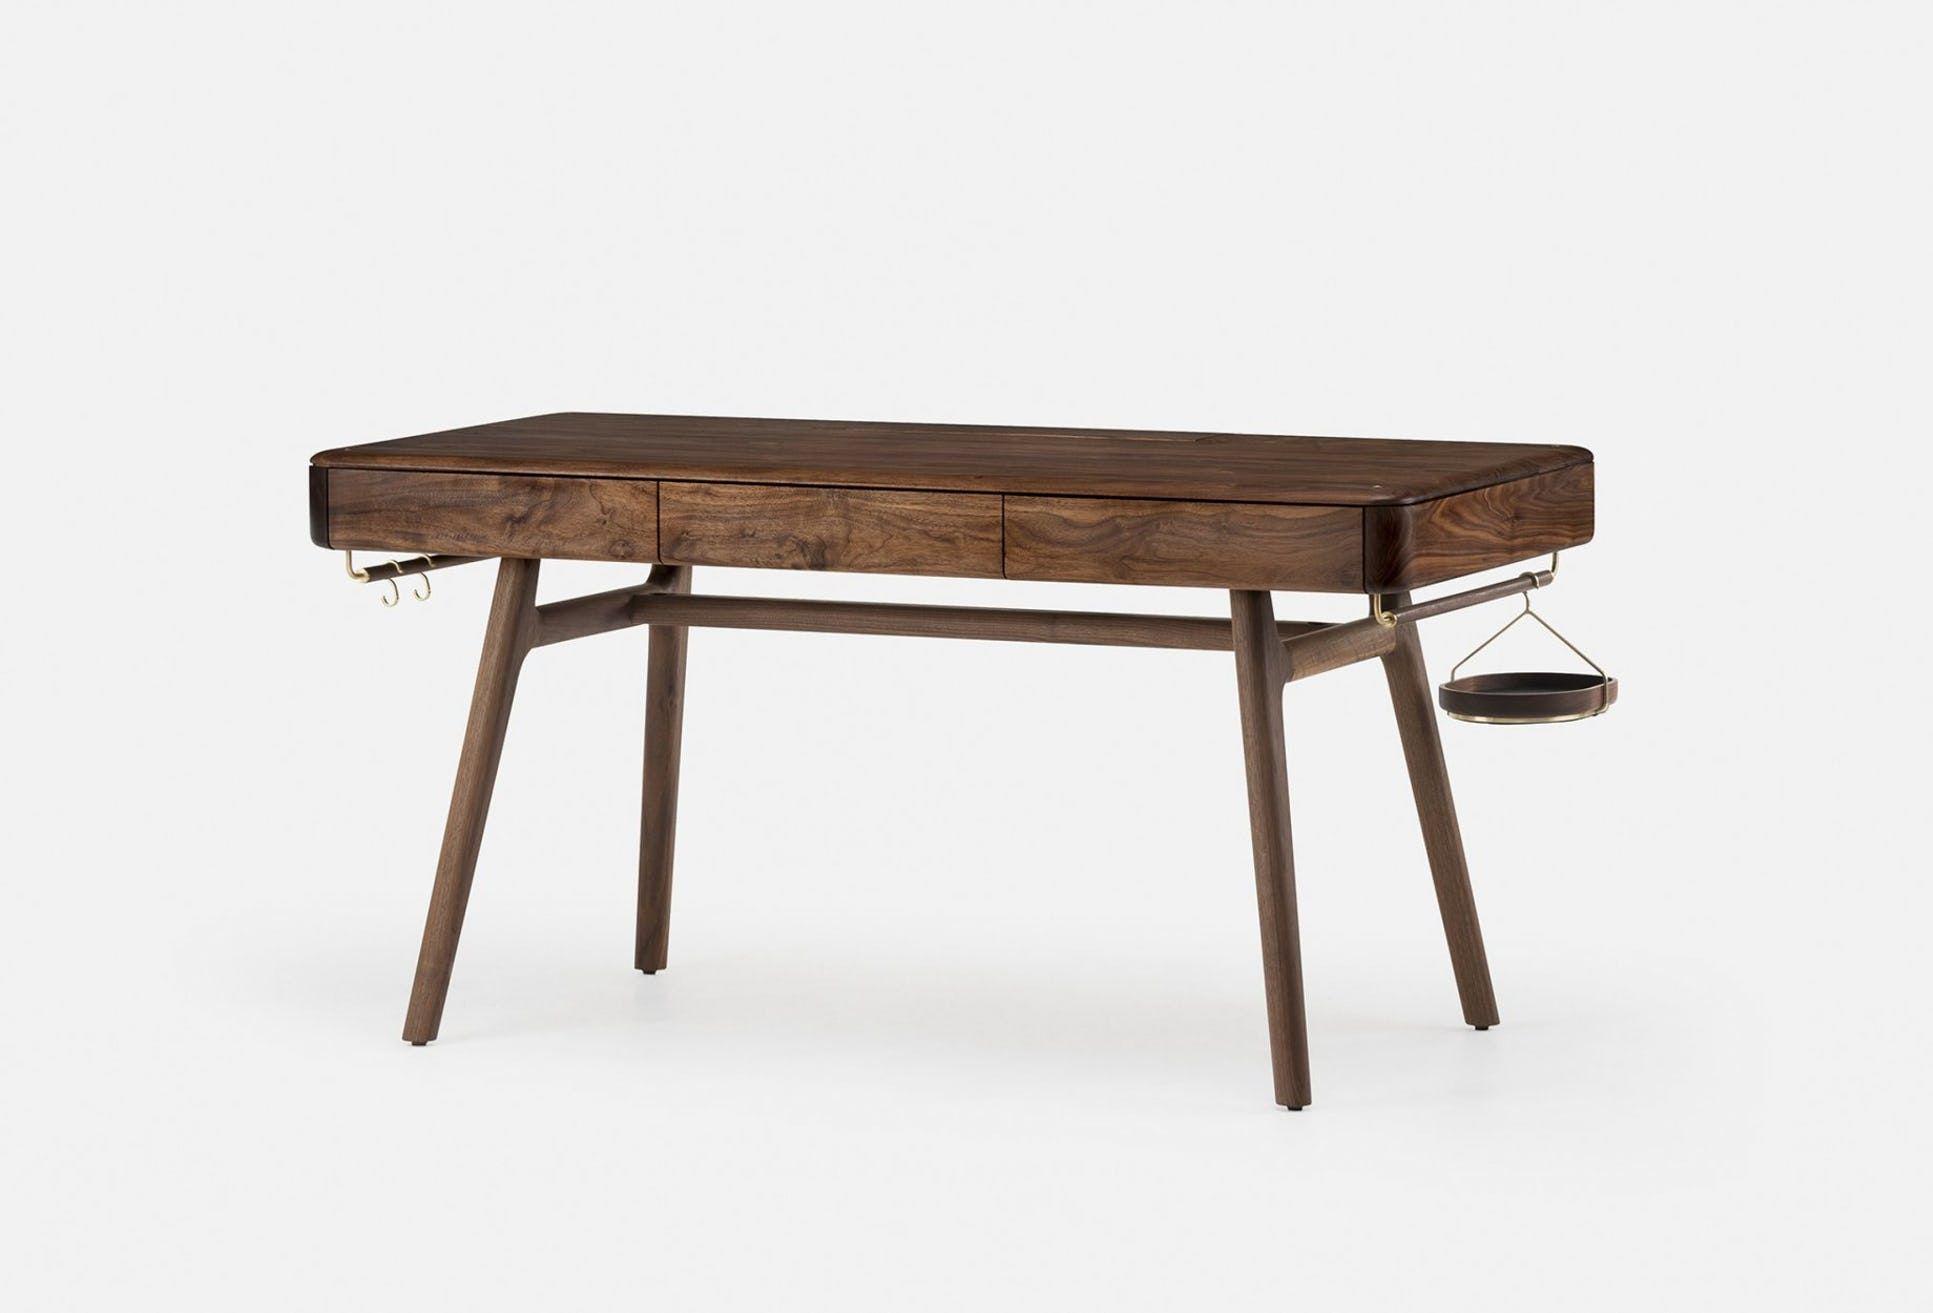 Solo desk by de la espada now available at haute living de la